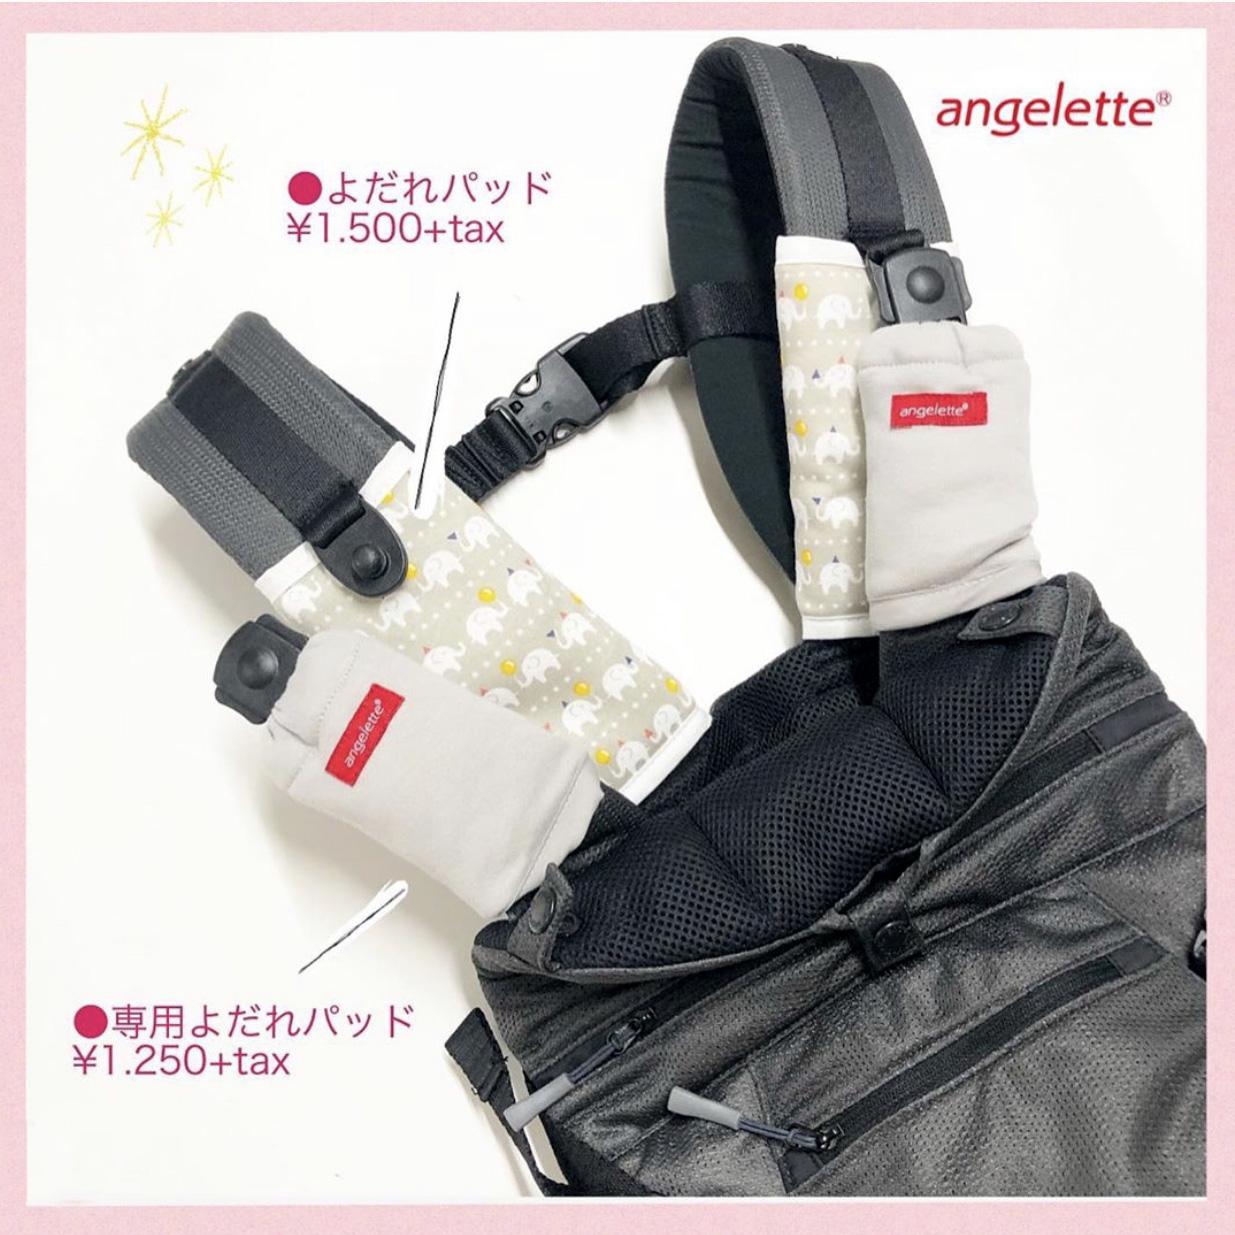 angelette ベビーキャリアオール(抱っこひも)専用よだれパッド&プレゼント付